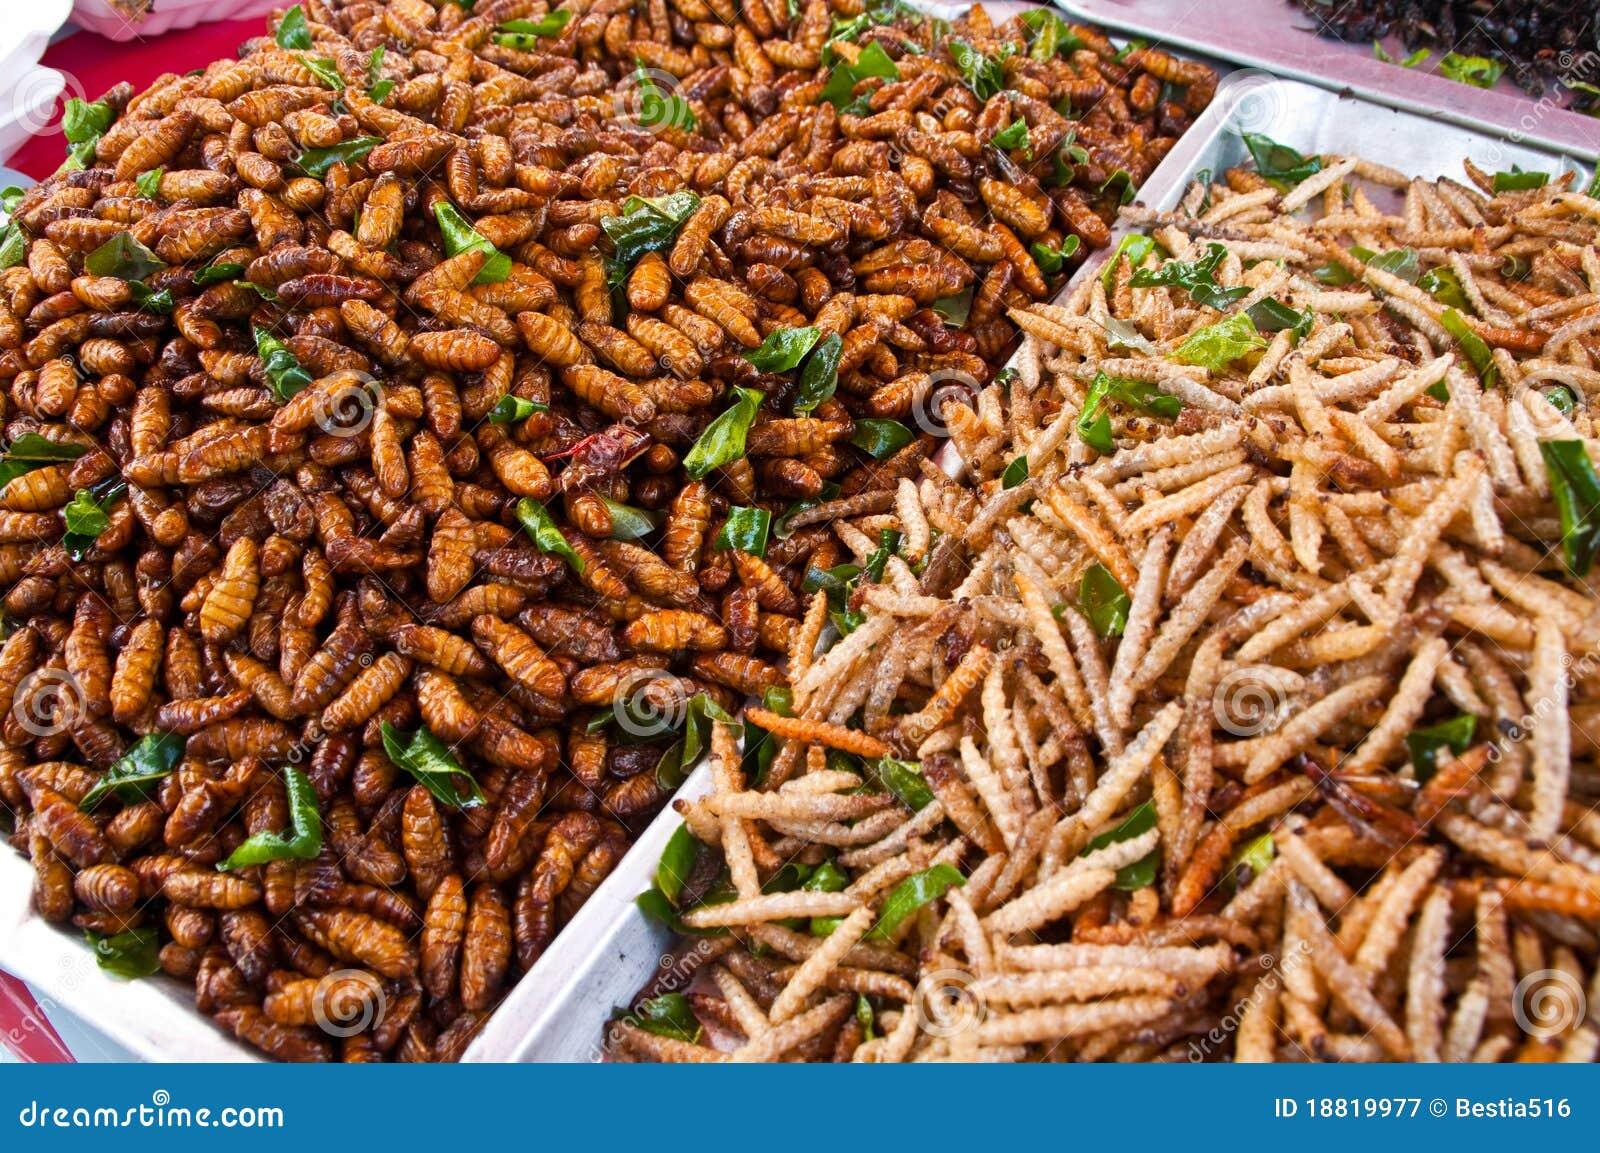 Weird Asian Street Food